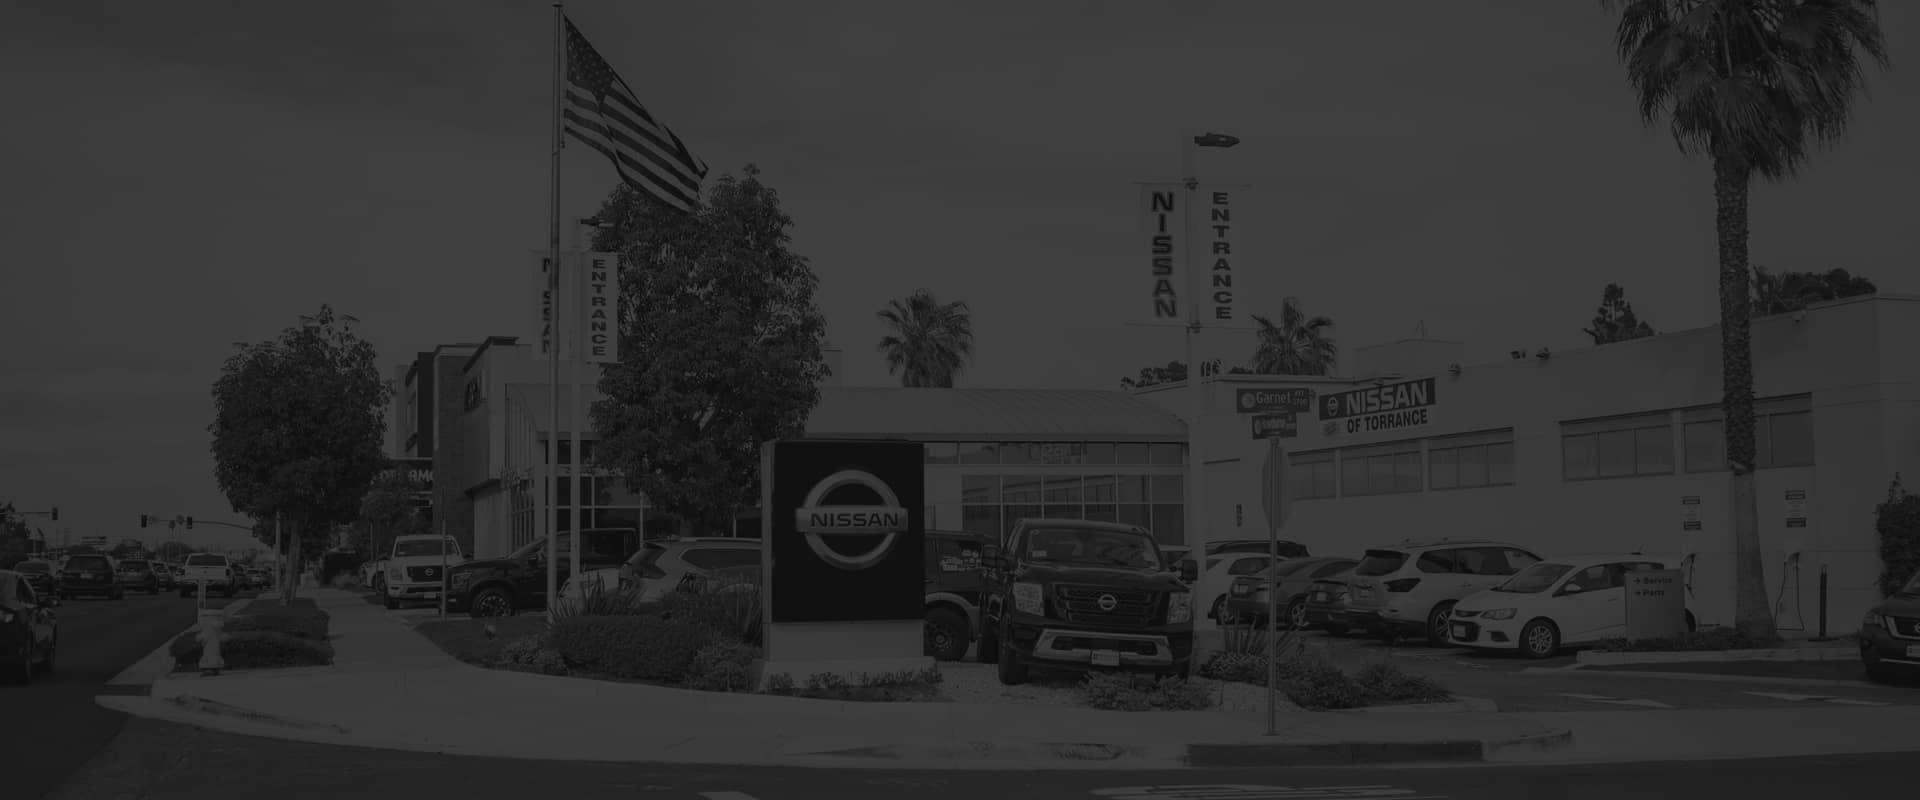 Nissan of Torrance Dealership Image